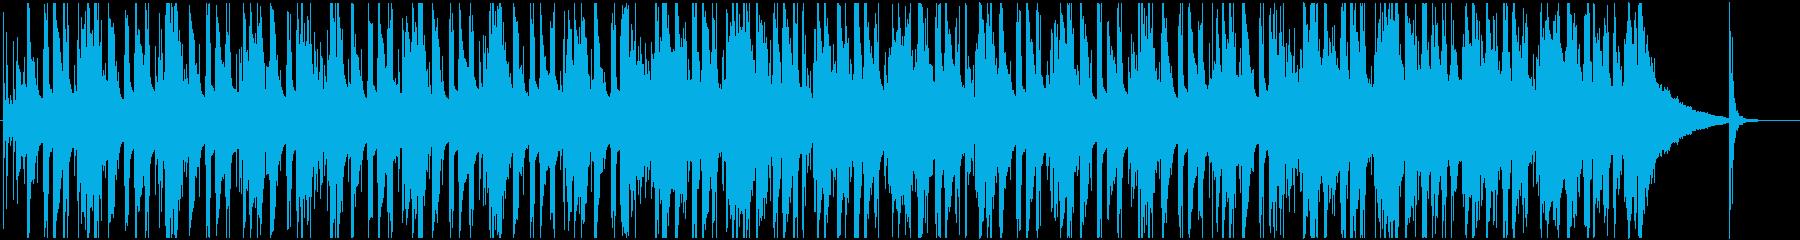 恐れや不安を感じるブルージーなBGMの再生済みの波形